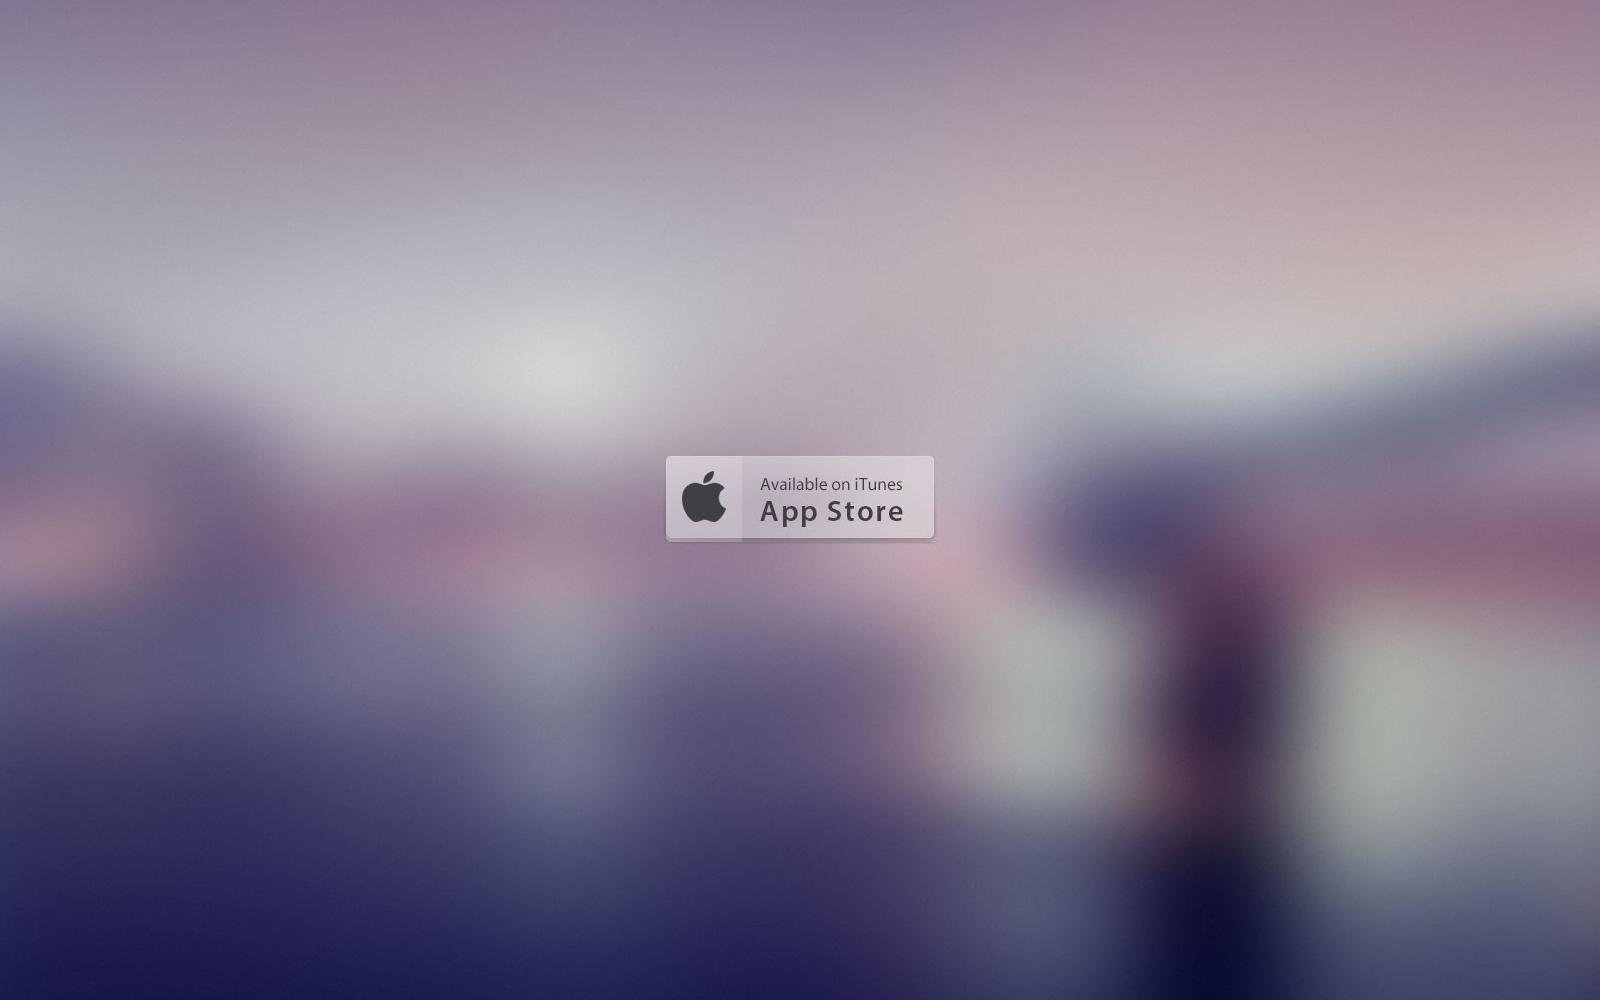 UI Element: Transparent App Store Button - Preview